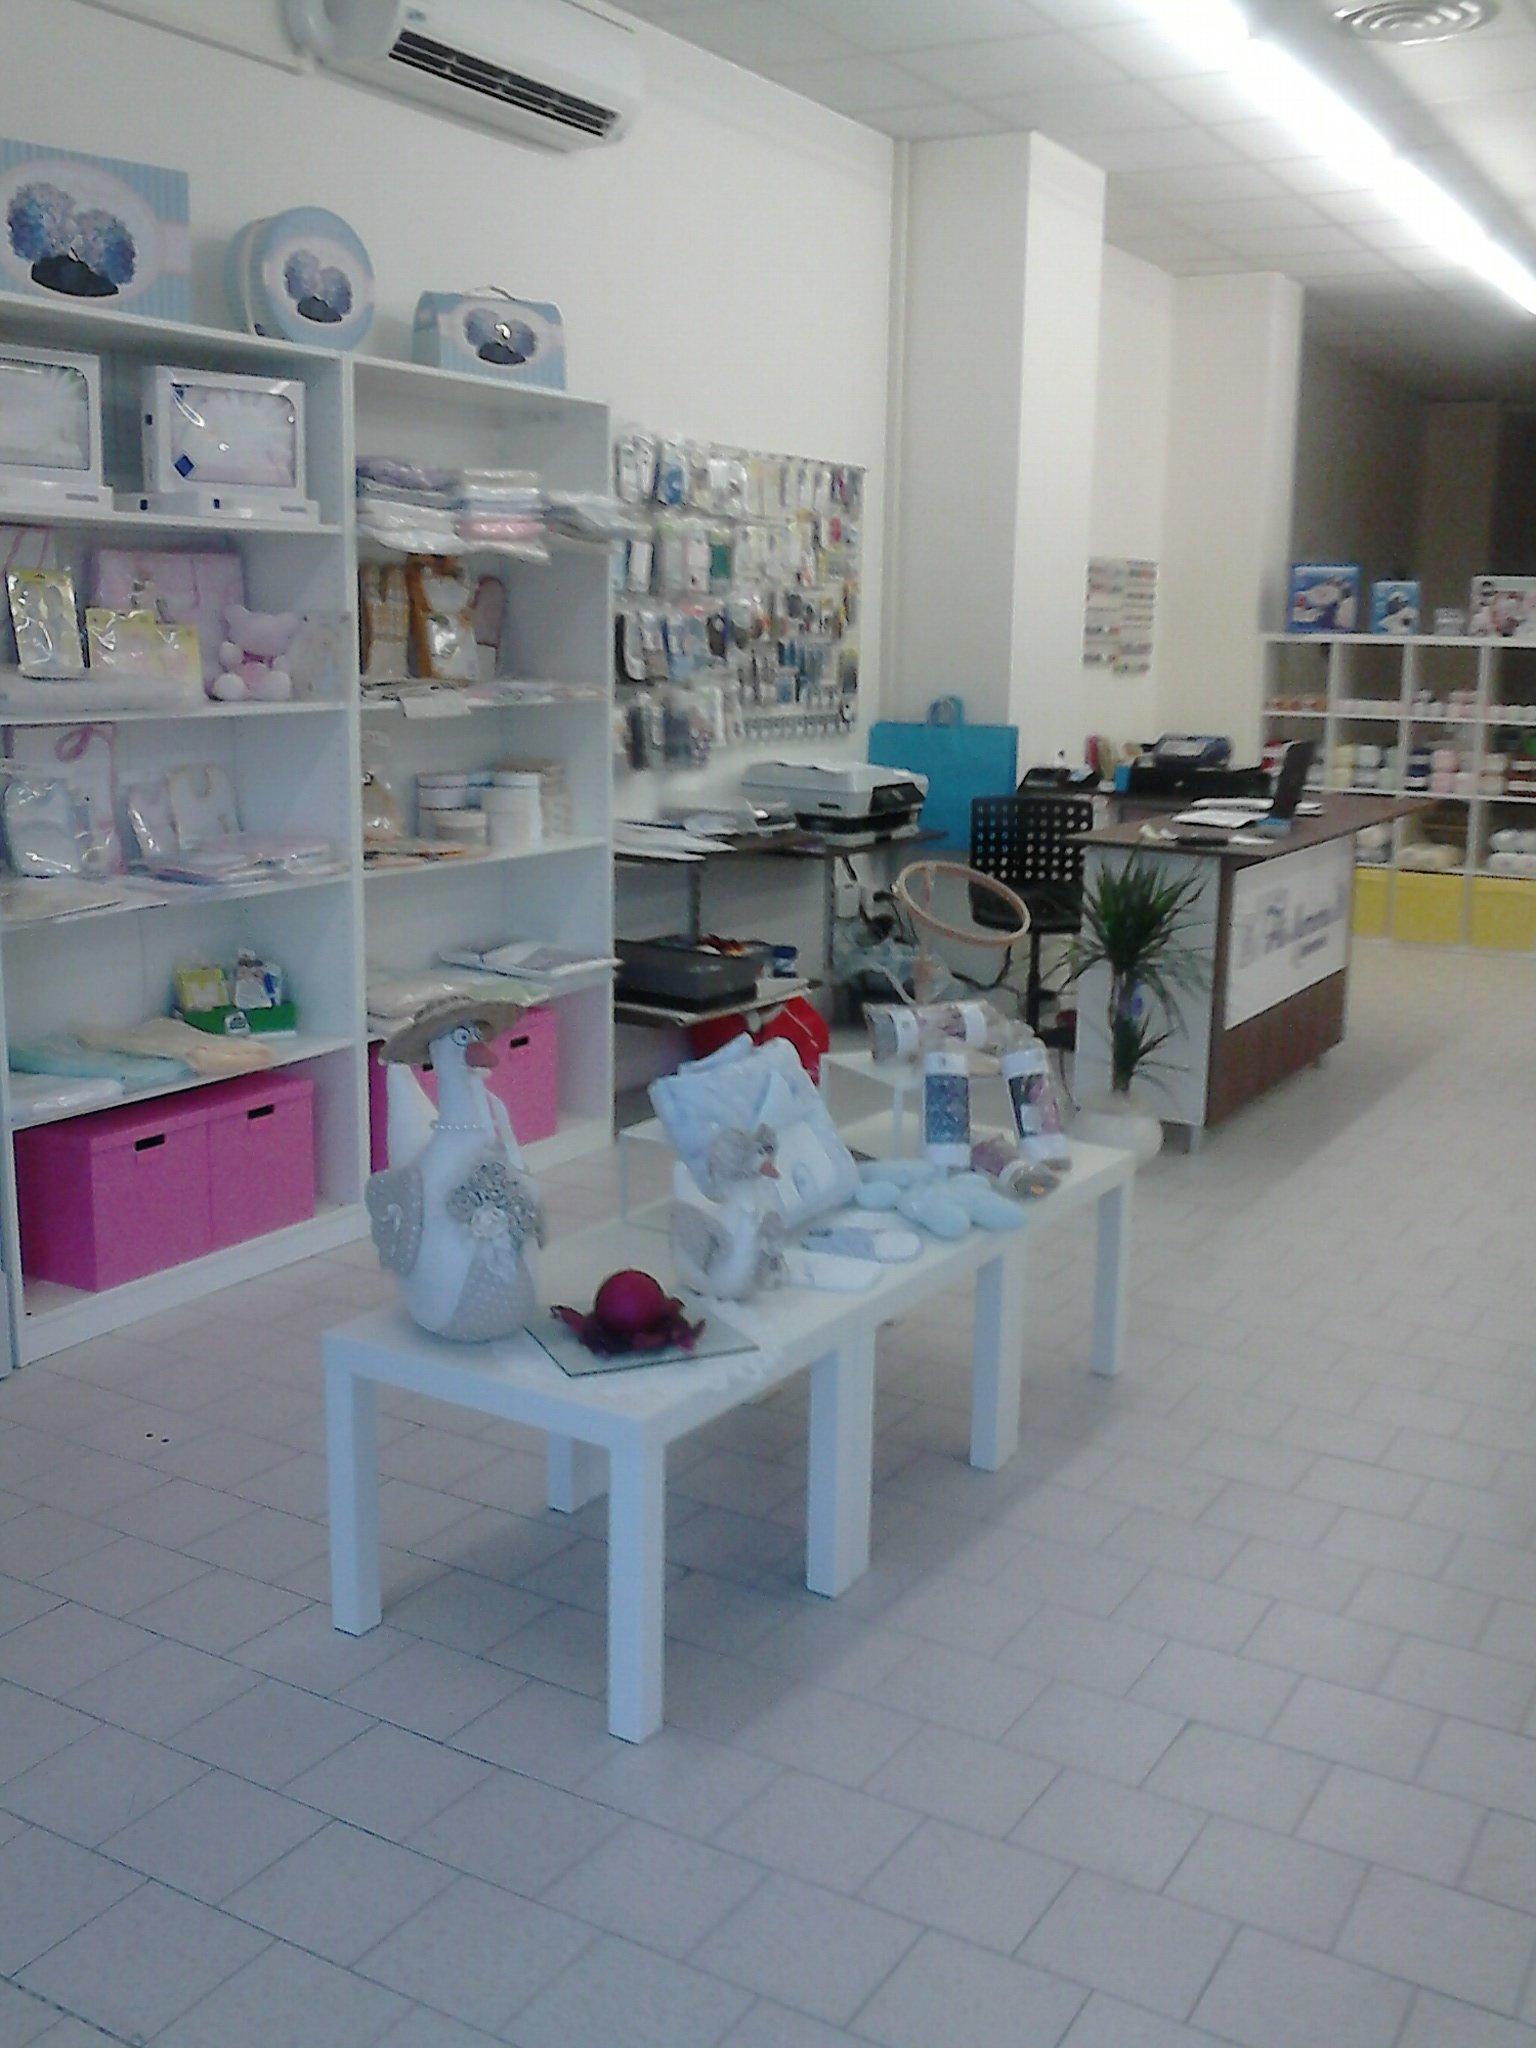 interno del negozio con esposizione lavori di sartoria su scaffali e tavoli